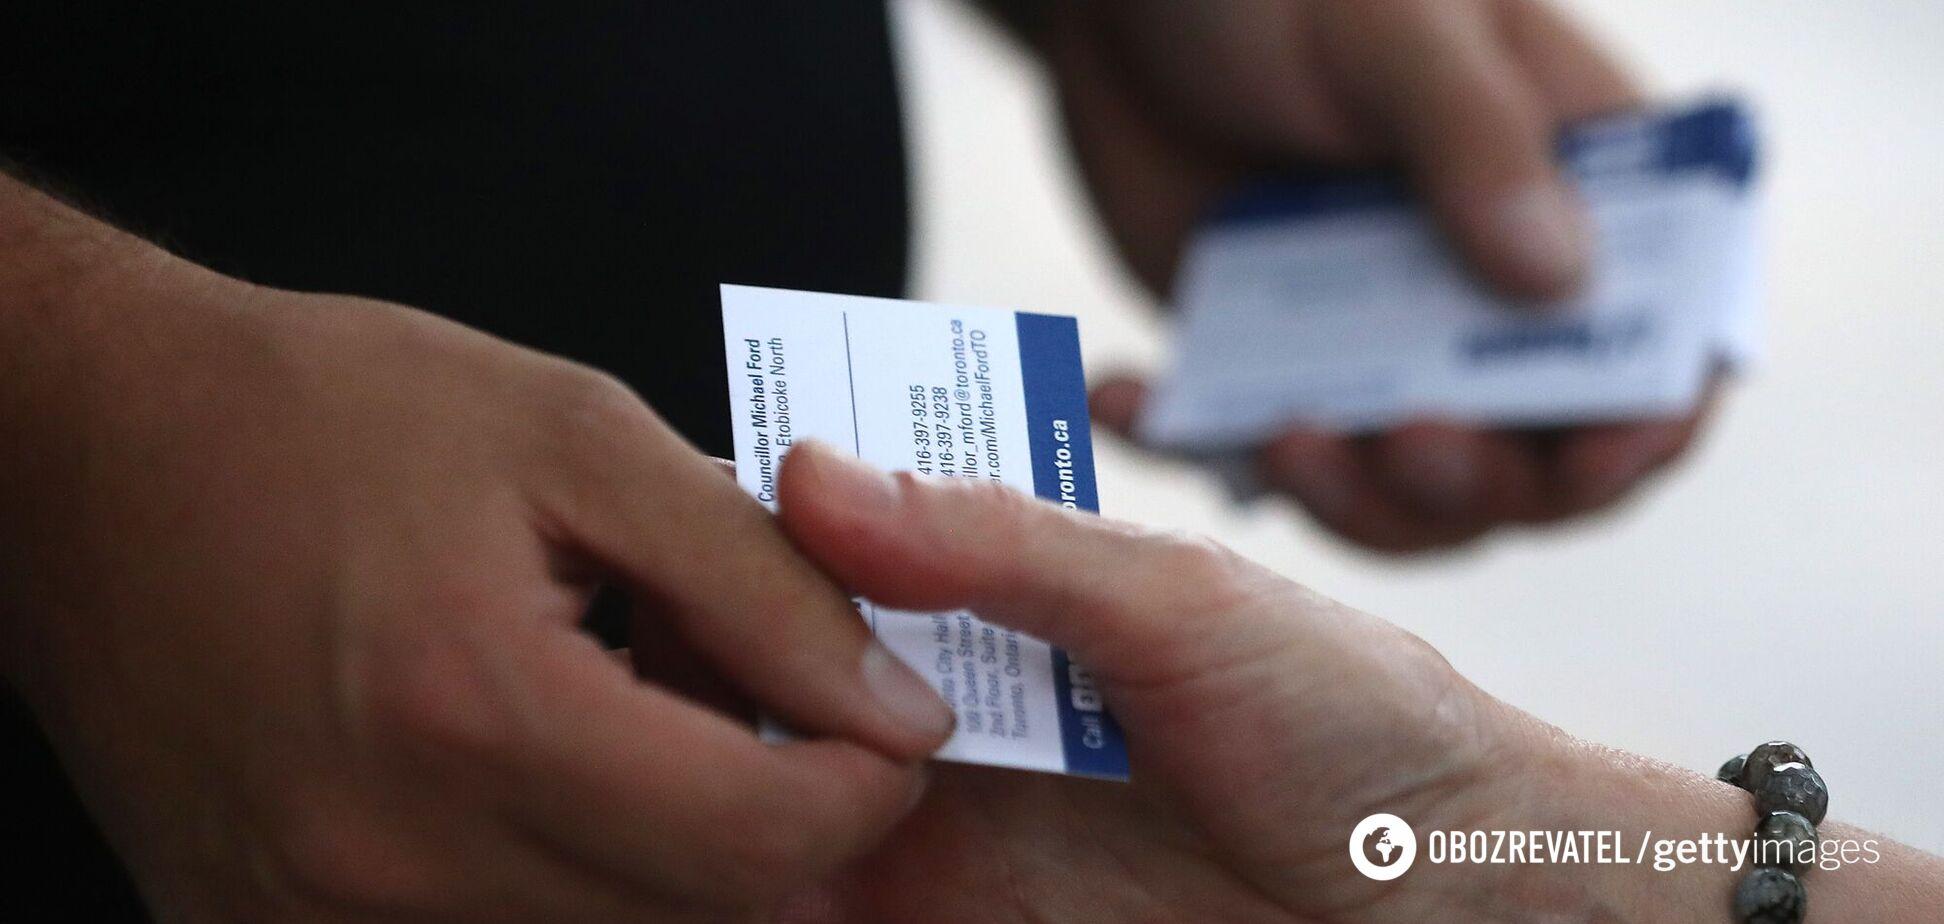 В Украине налоговая захотела взимать 18% сбор из зарплат за визитки